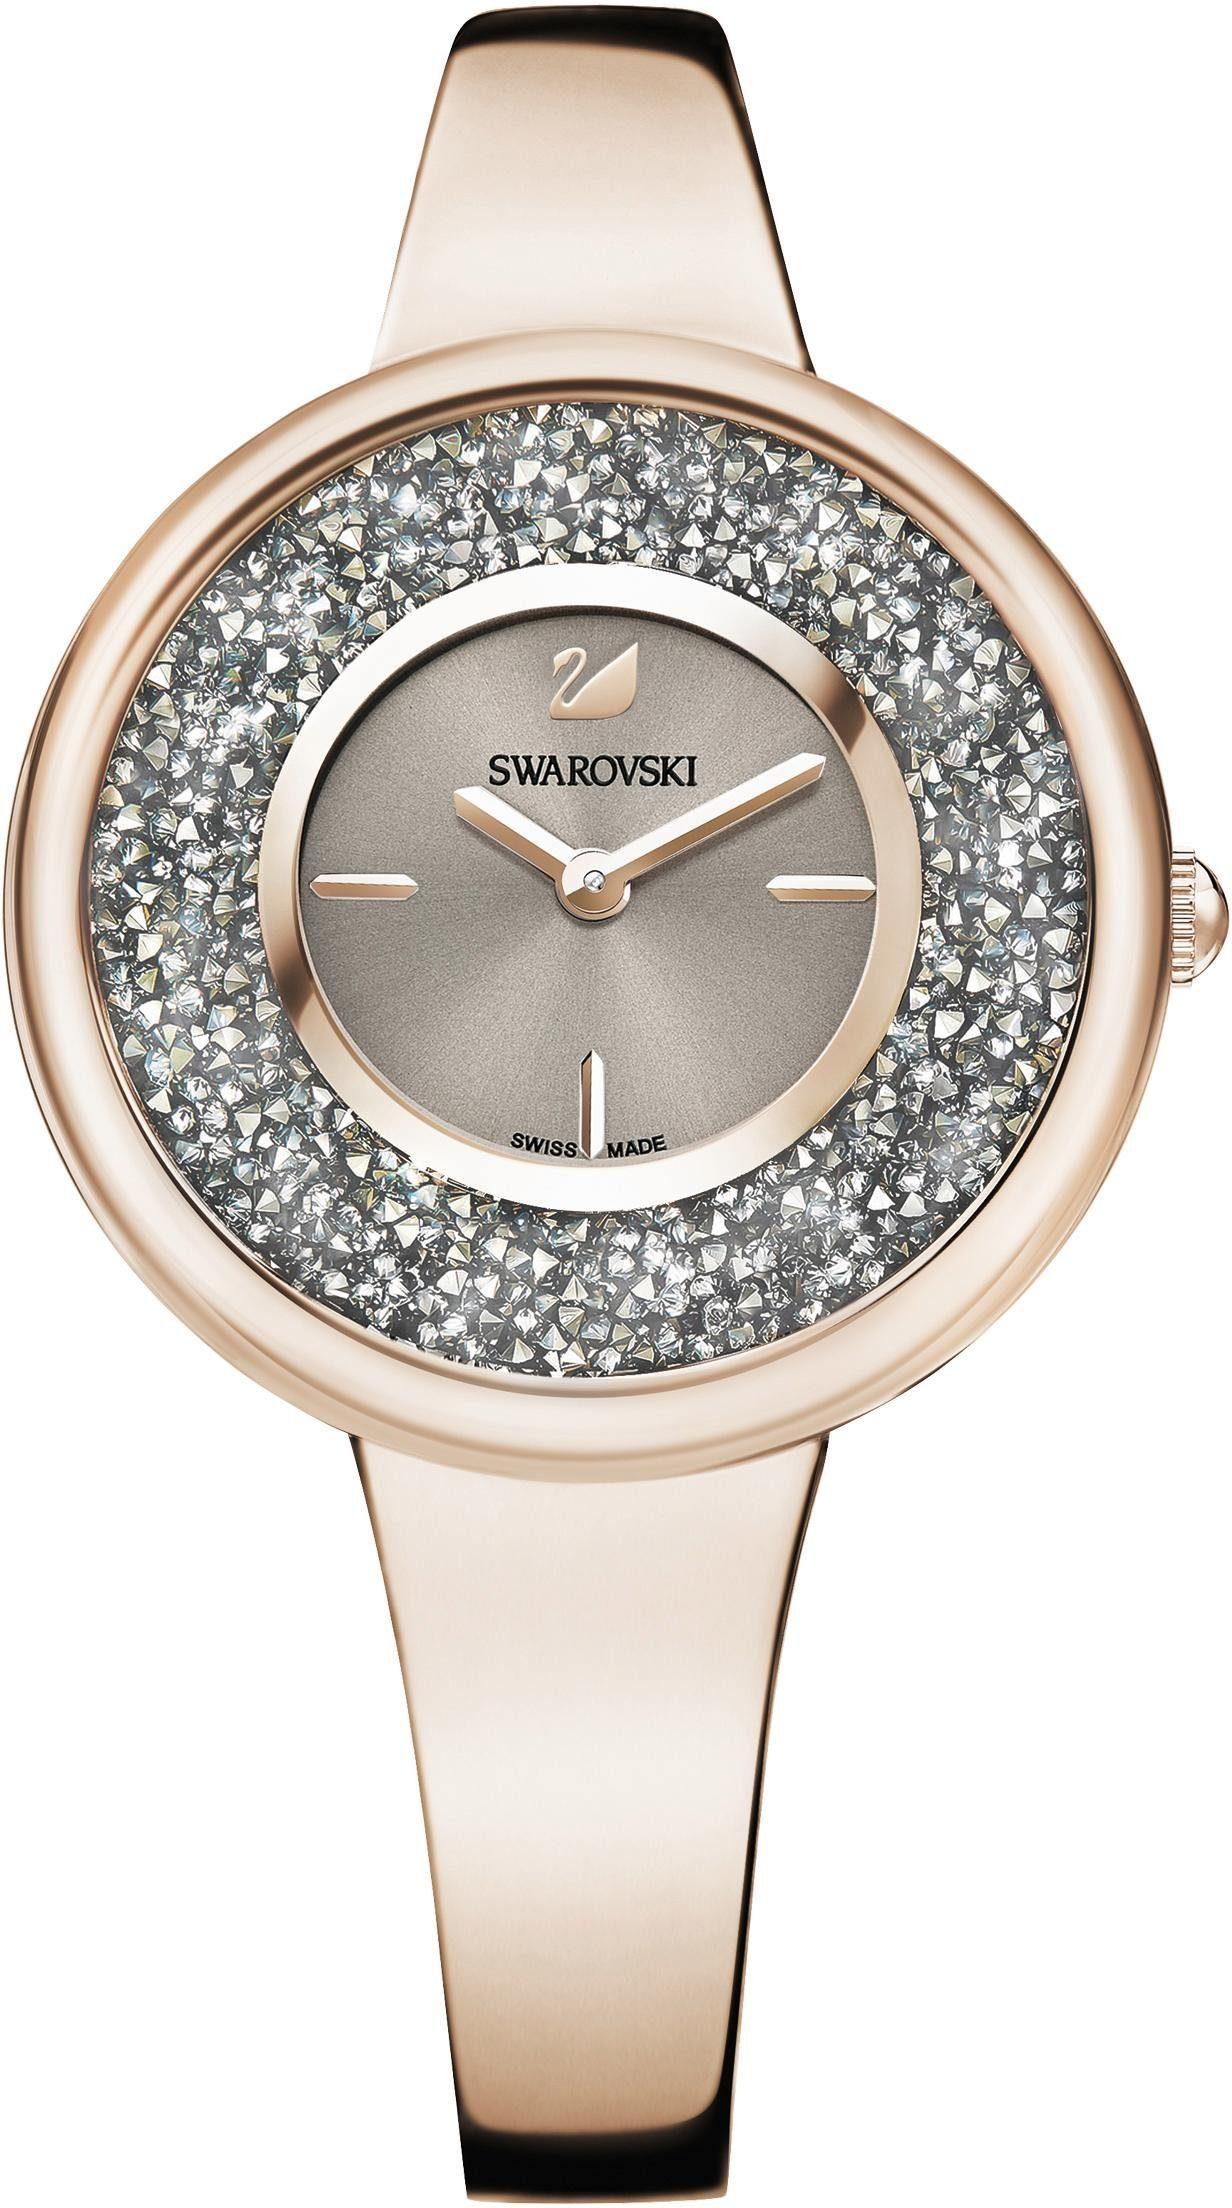 Swarovski Schweizer Uhr »Crystalline Pure Uhr, Metallarmband, Farbton Champagne Gold, 5376077«